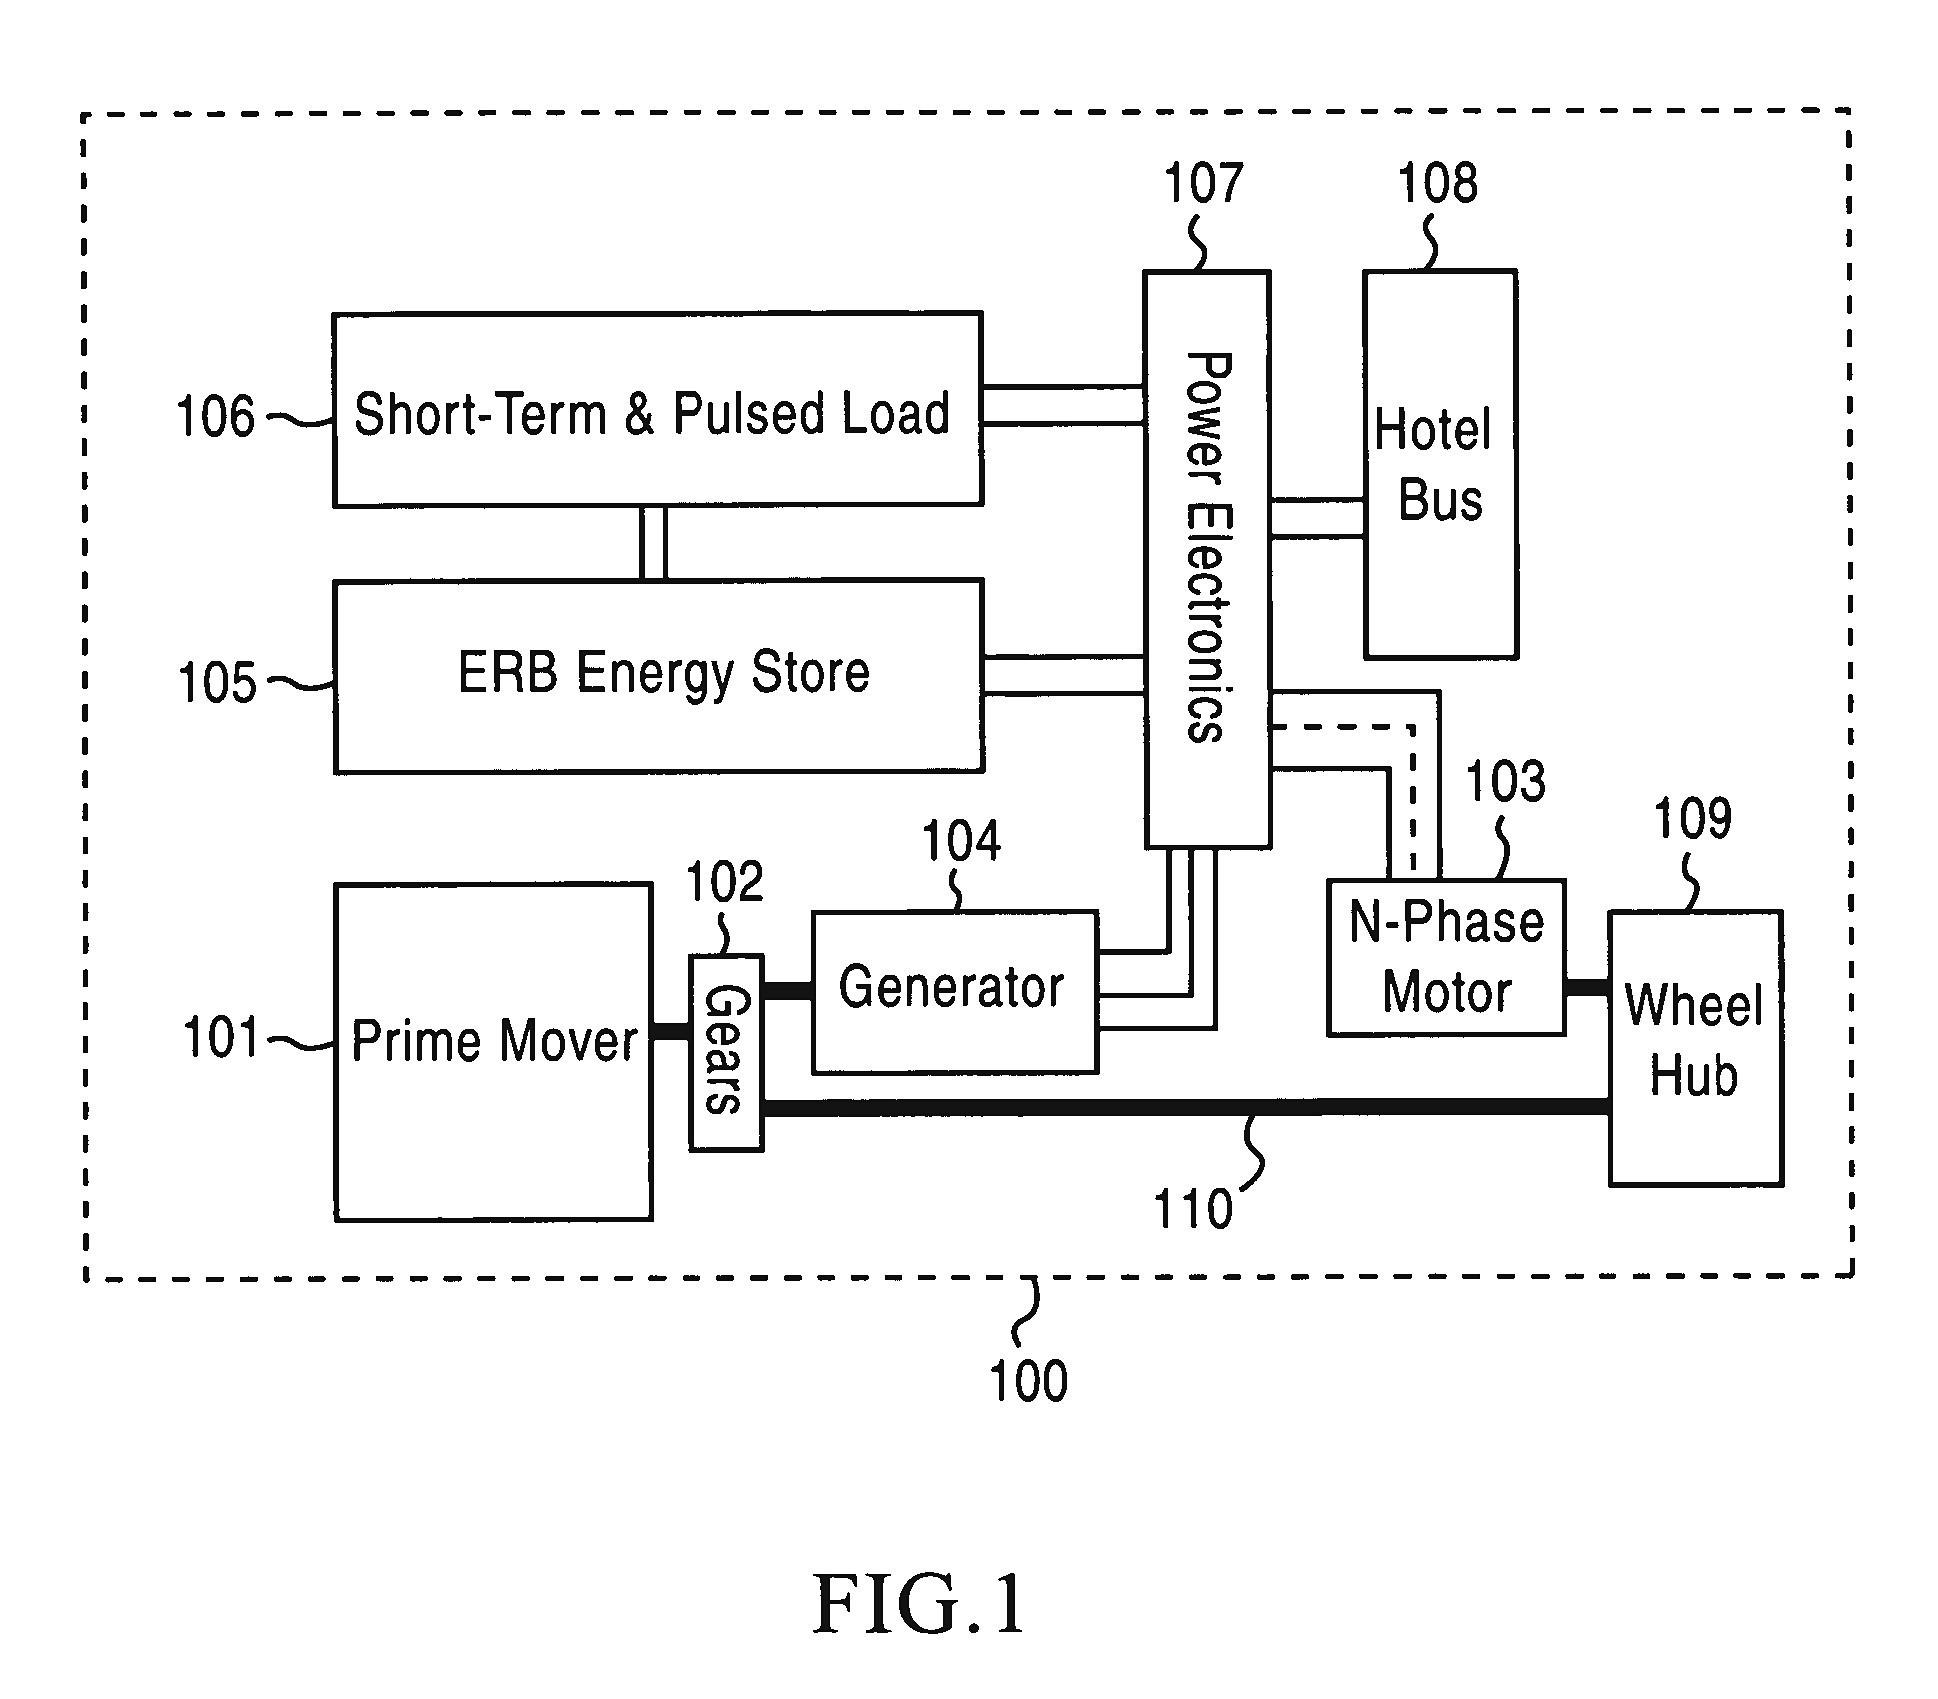 hight resolution of furnas motor starter wiring diagram wiring diagram for furnas motor starters valid cutler hammer starter